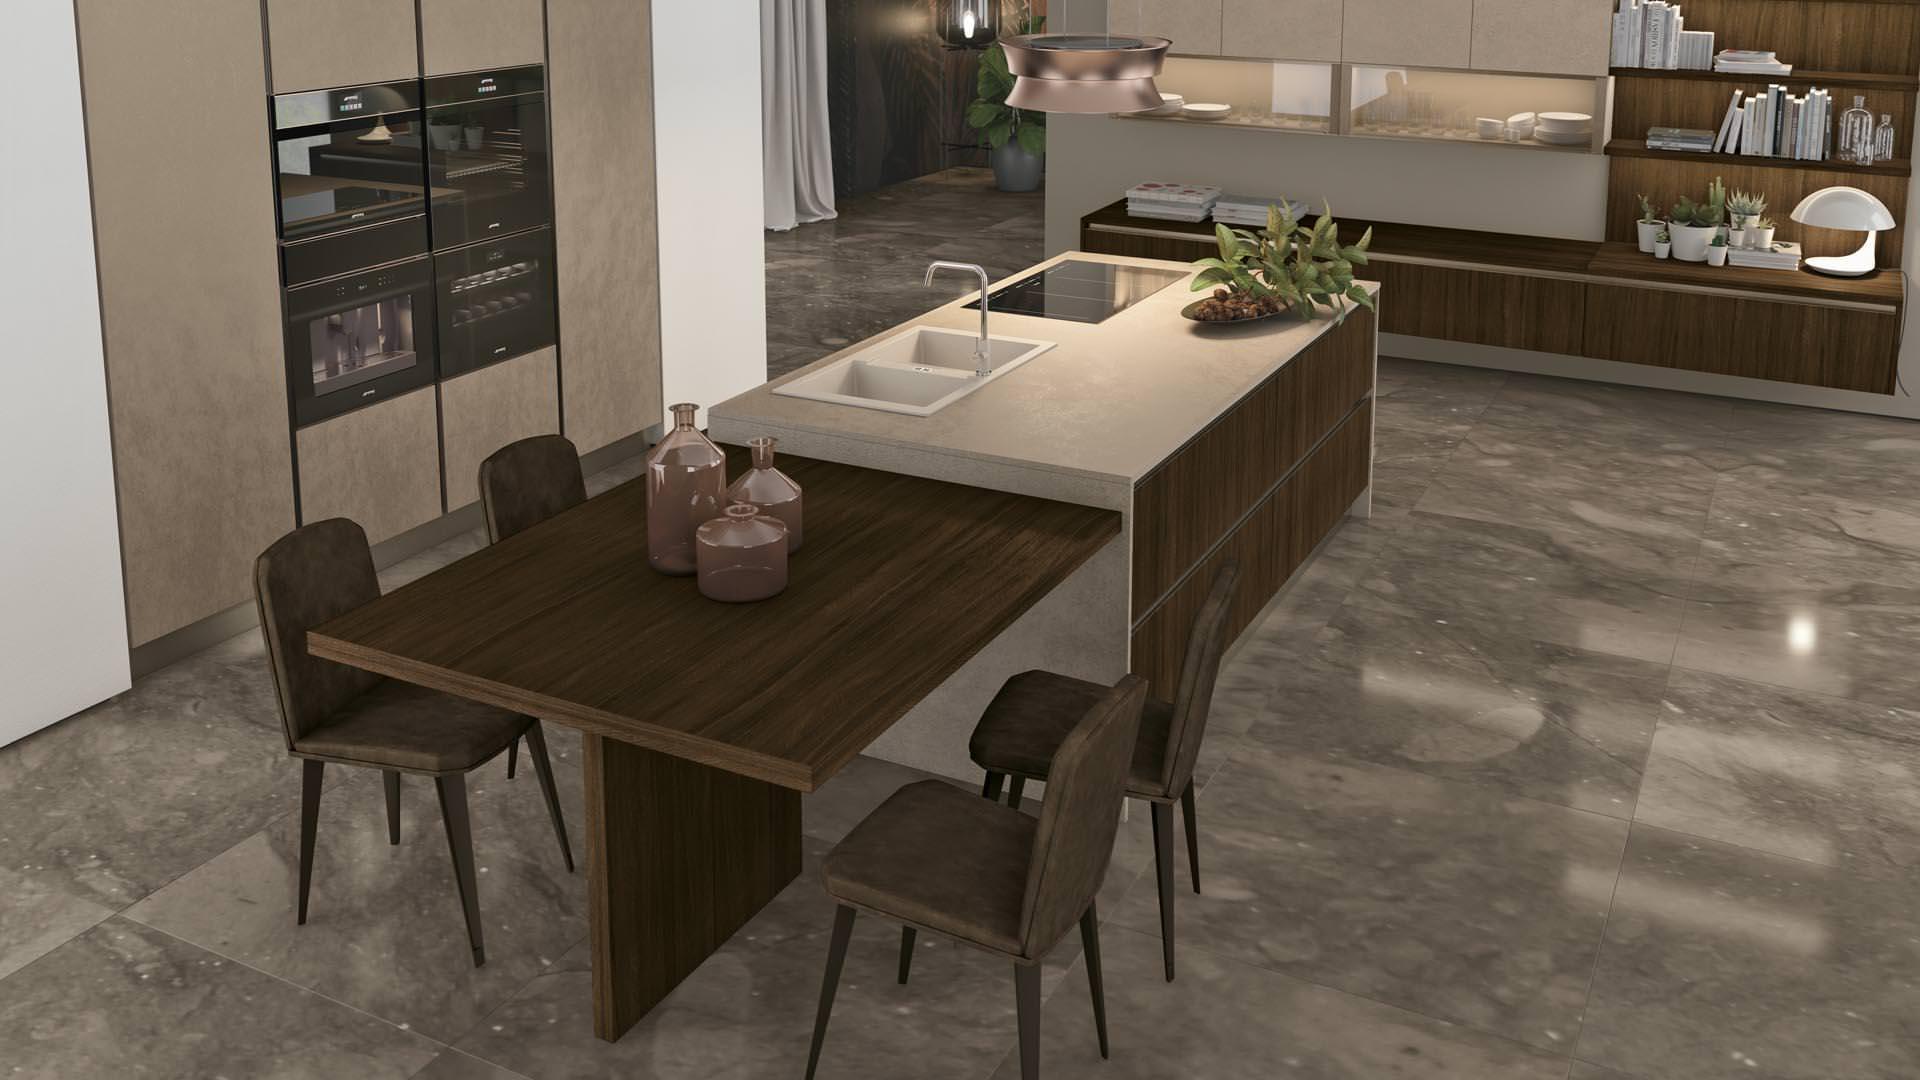 Cucine moderne arredamento mobili per casa e per ufficio for Piero ponzoni arredamenti bari